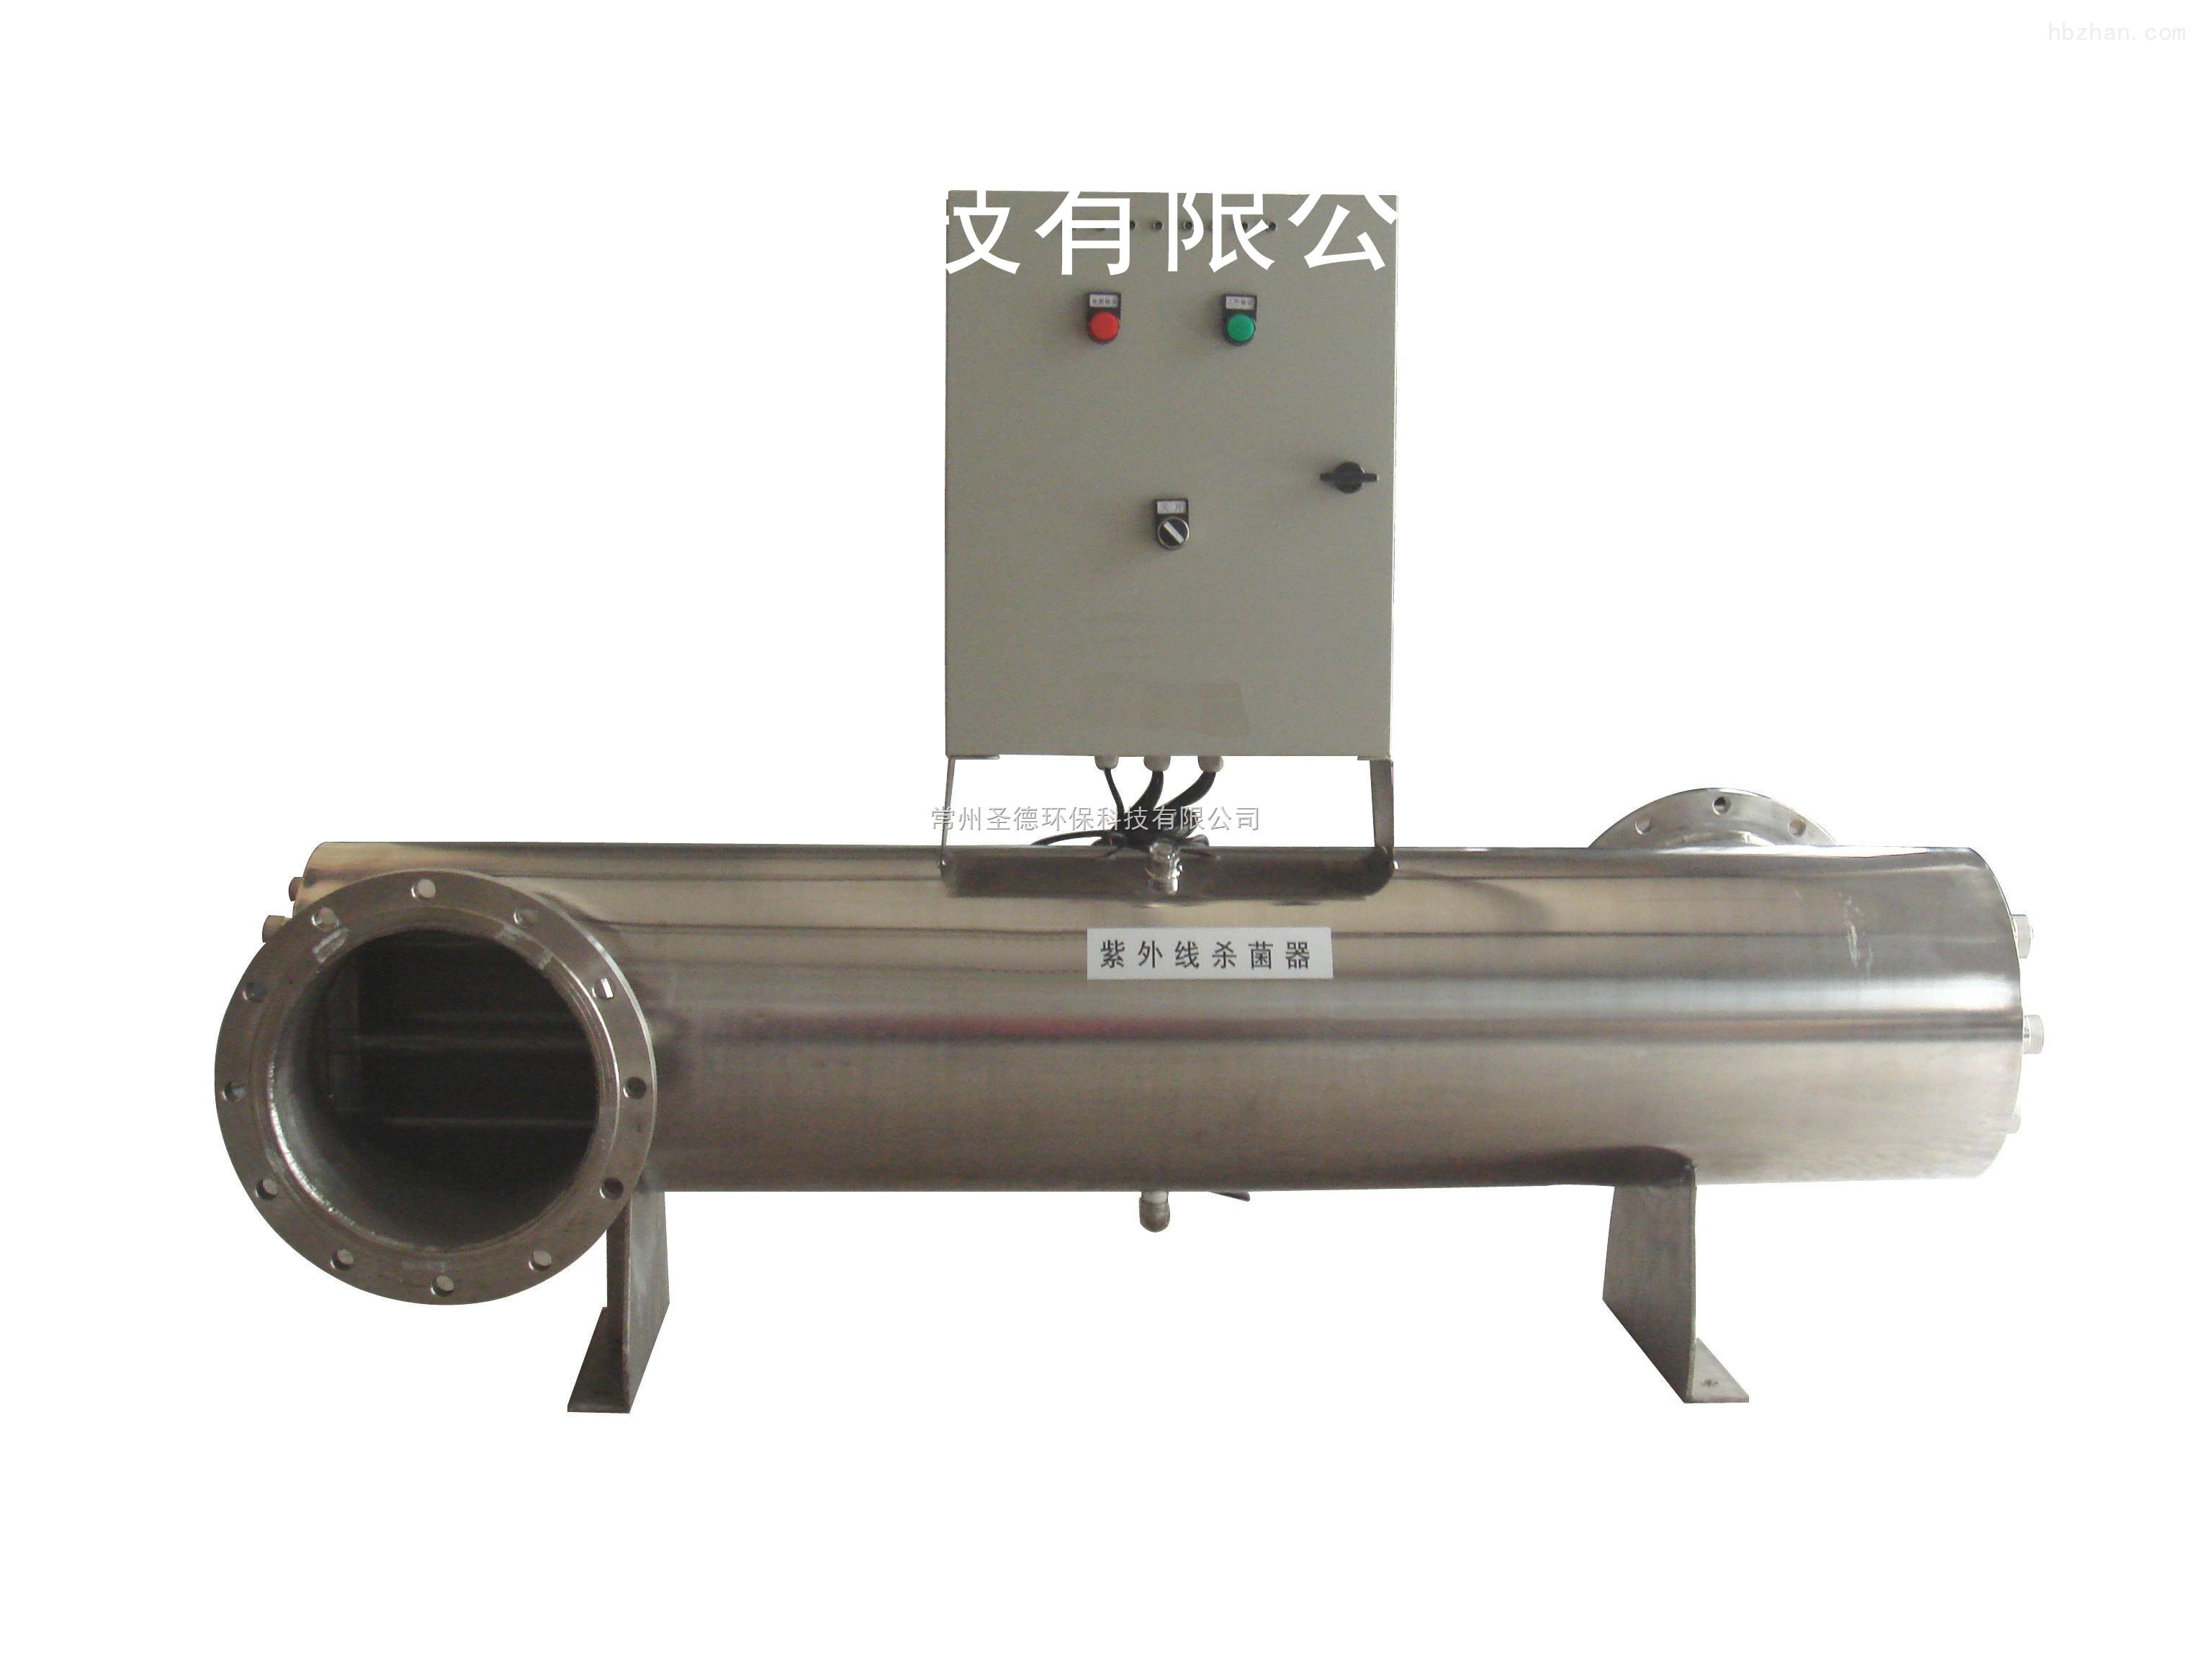 江蘇紫外線殺菌器紫外線殺菌器